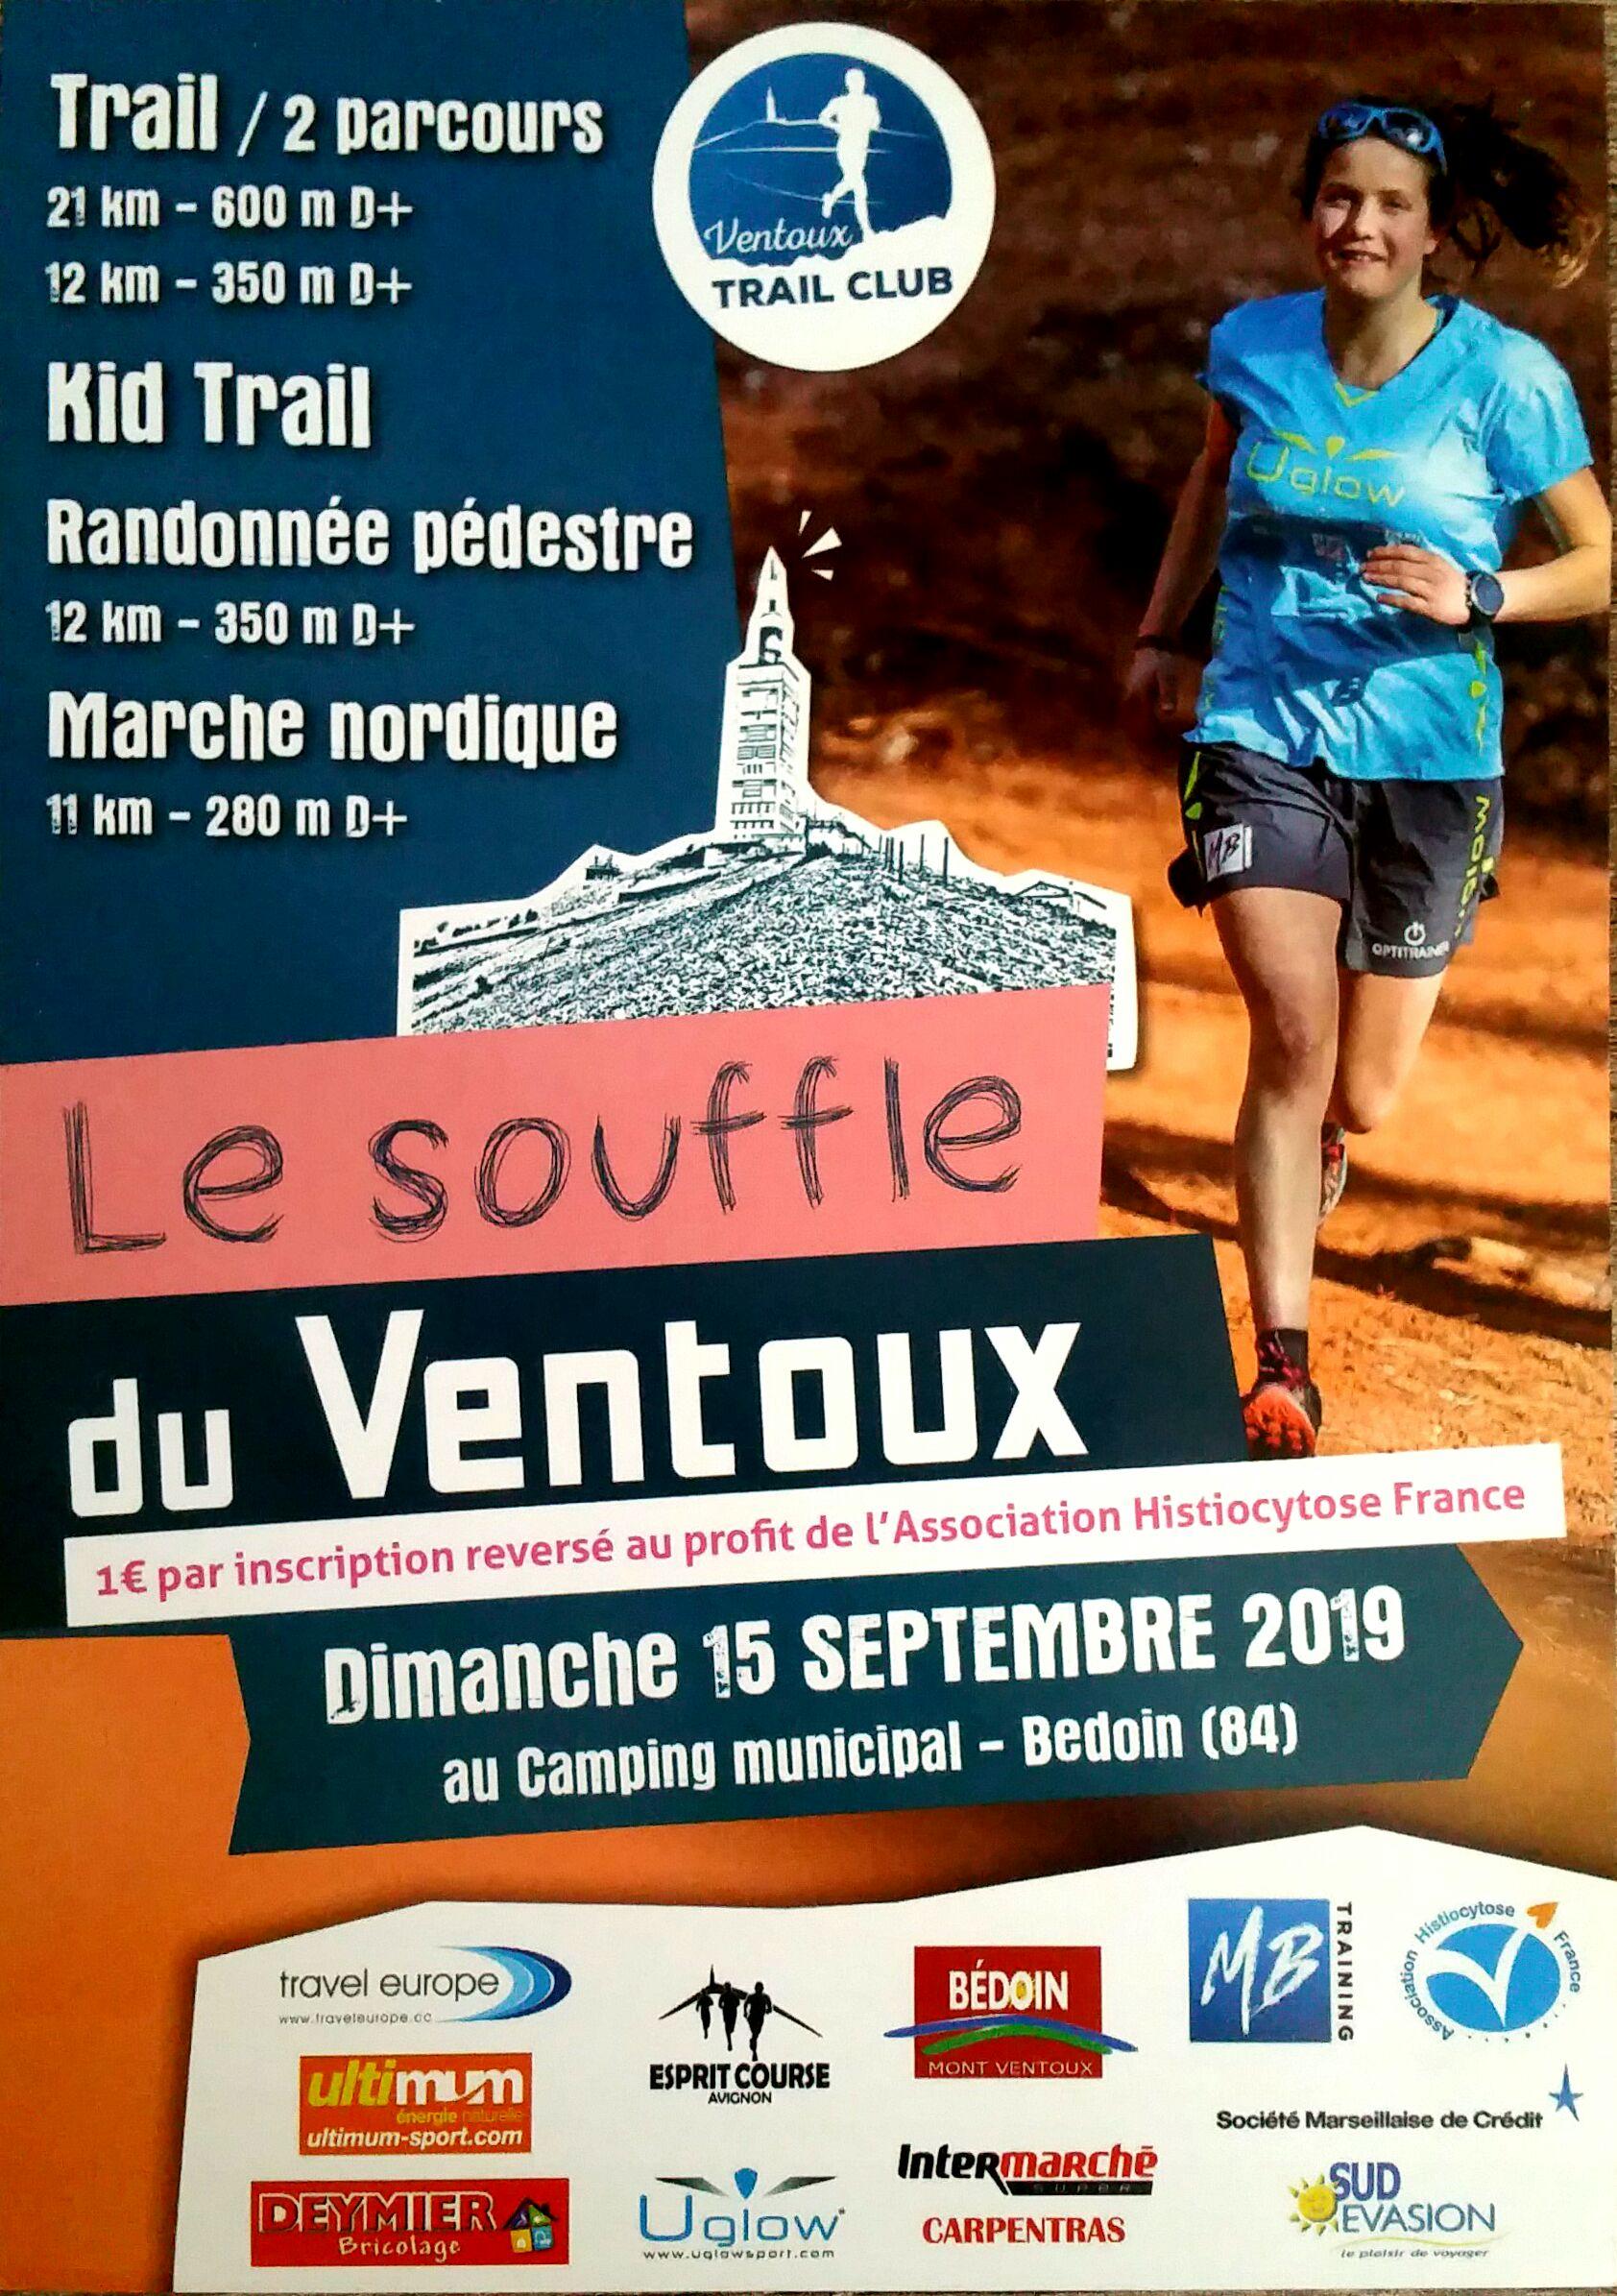 Souffle du Ventoux - 21km